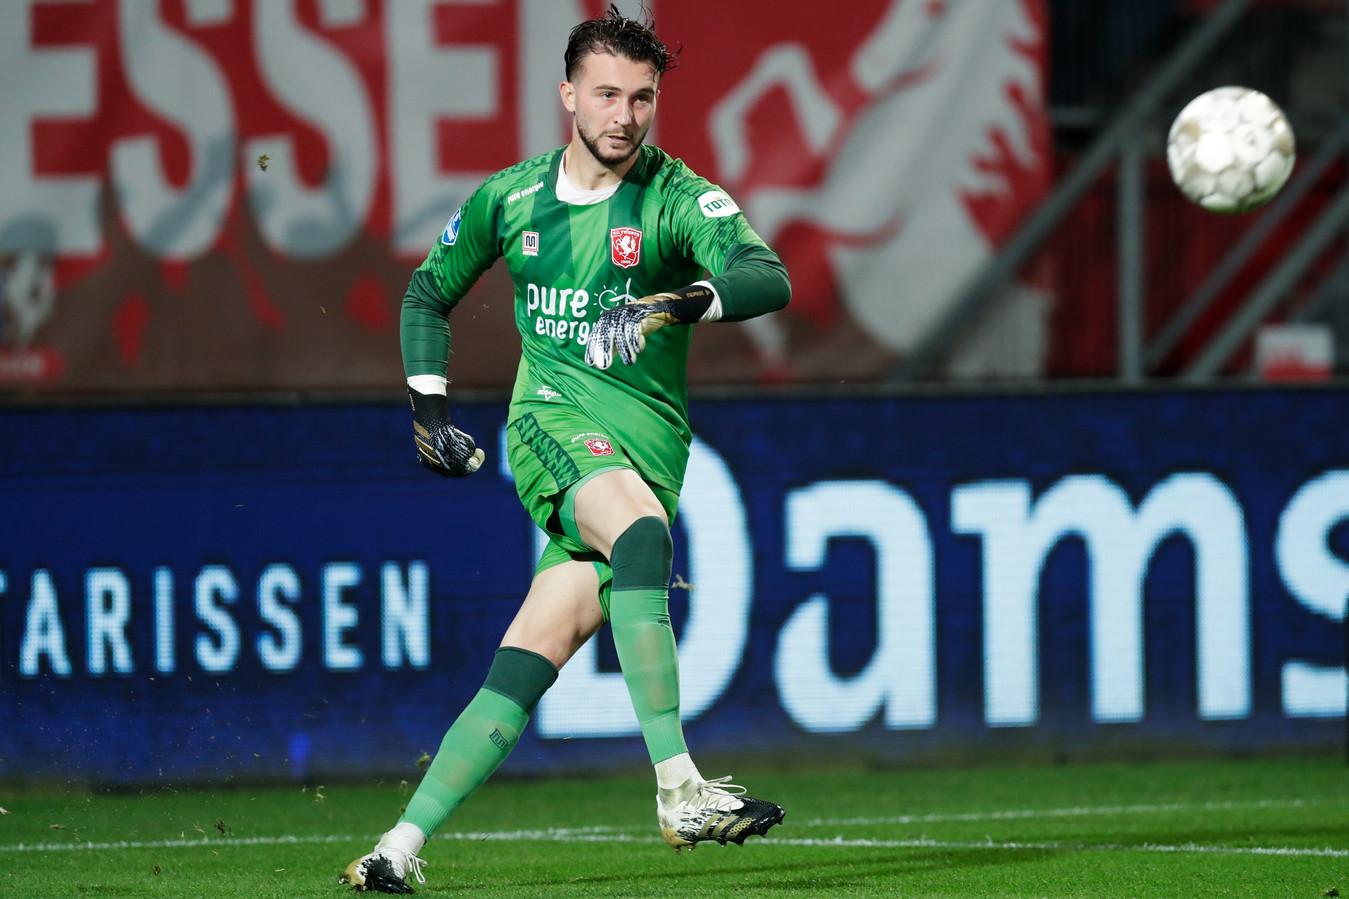 Joël Drommel heeft een uitstekende traptechniek. Het is de erfenis van zijn periode als middenvelder bij Almere City.